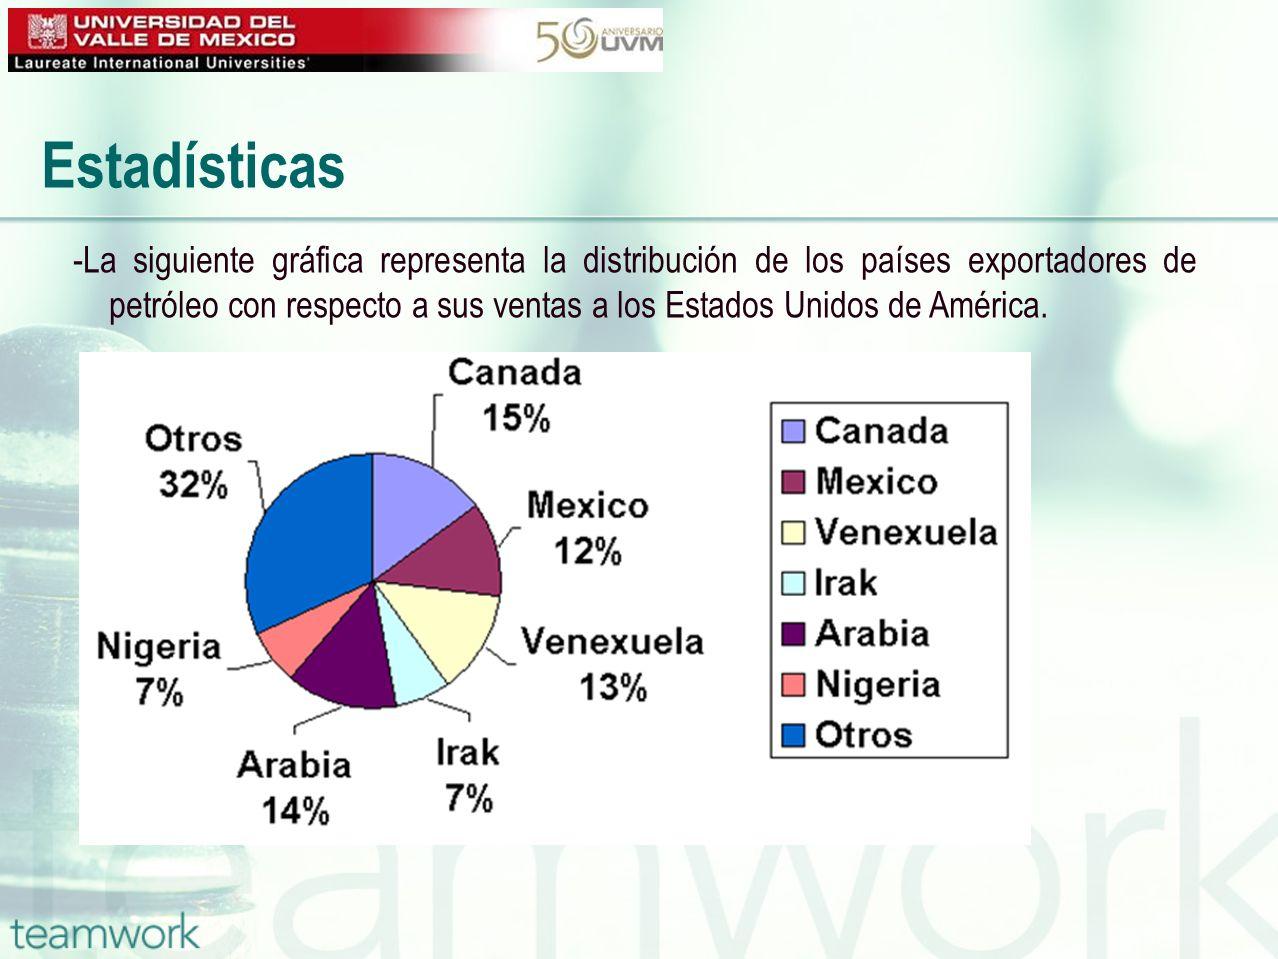 -La siguiente gráfica representa la distribución de los países exportadores de petróleo con respecto a sus ventas a los Estados Unidos de América.